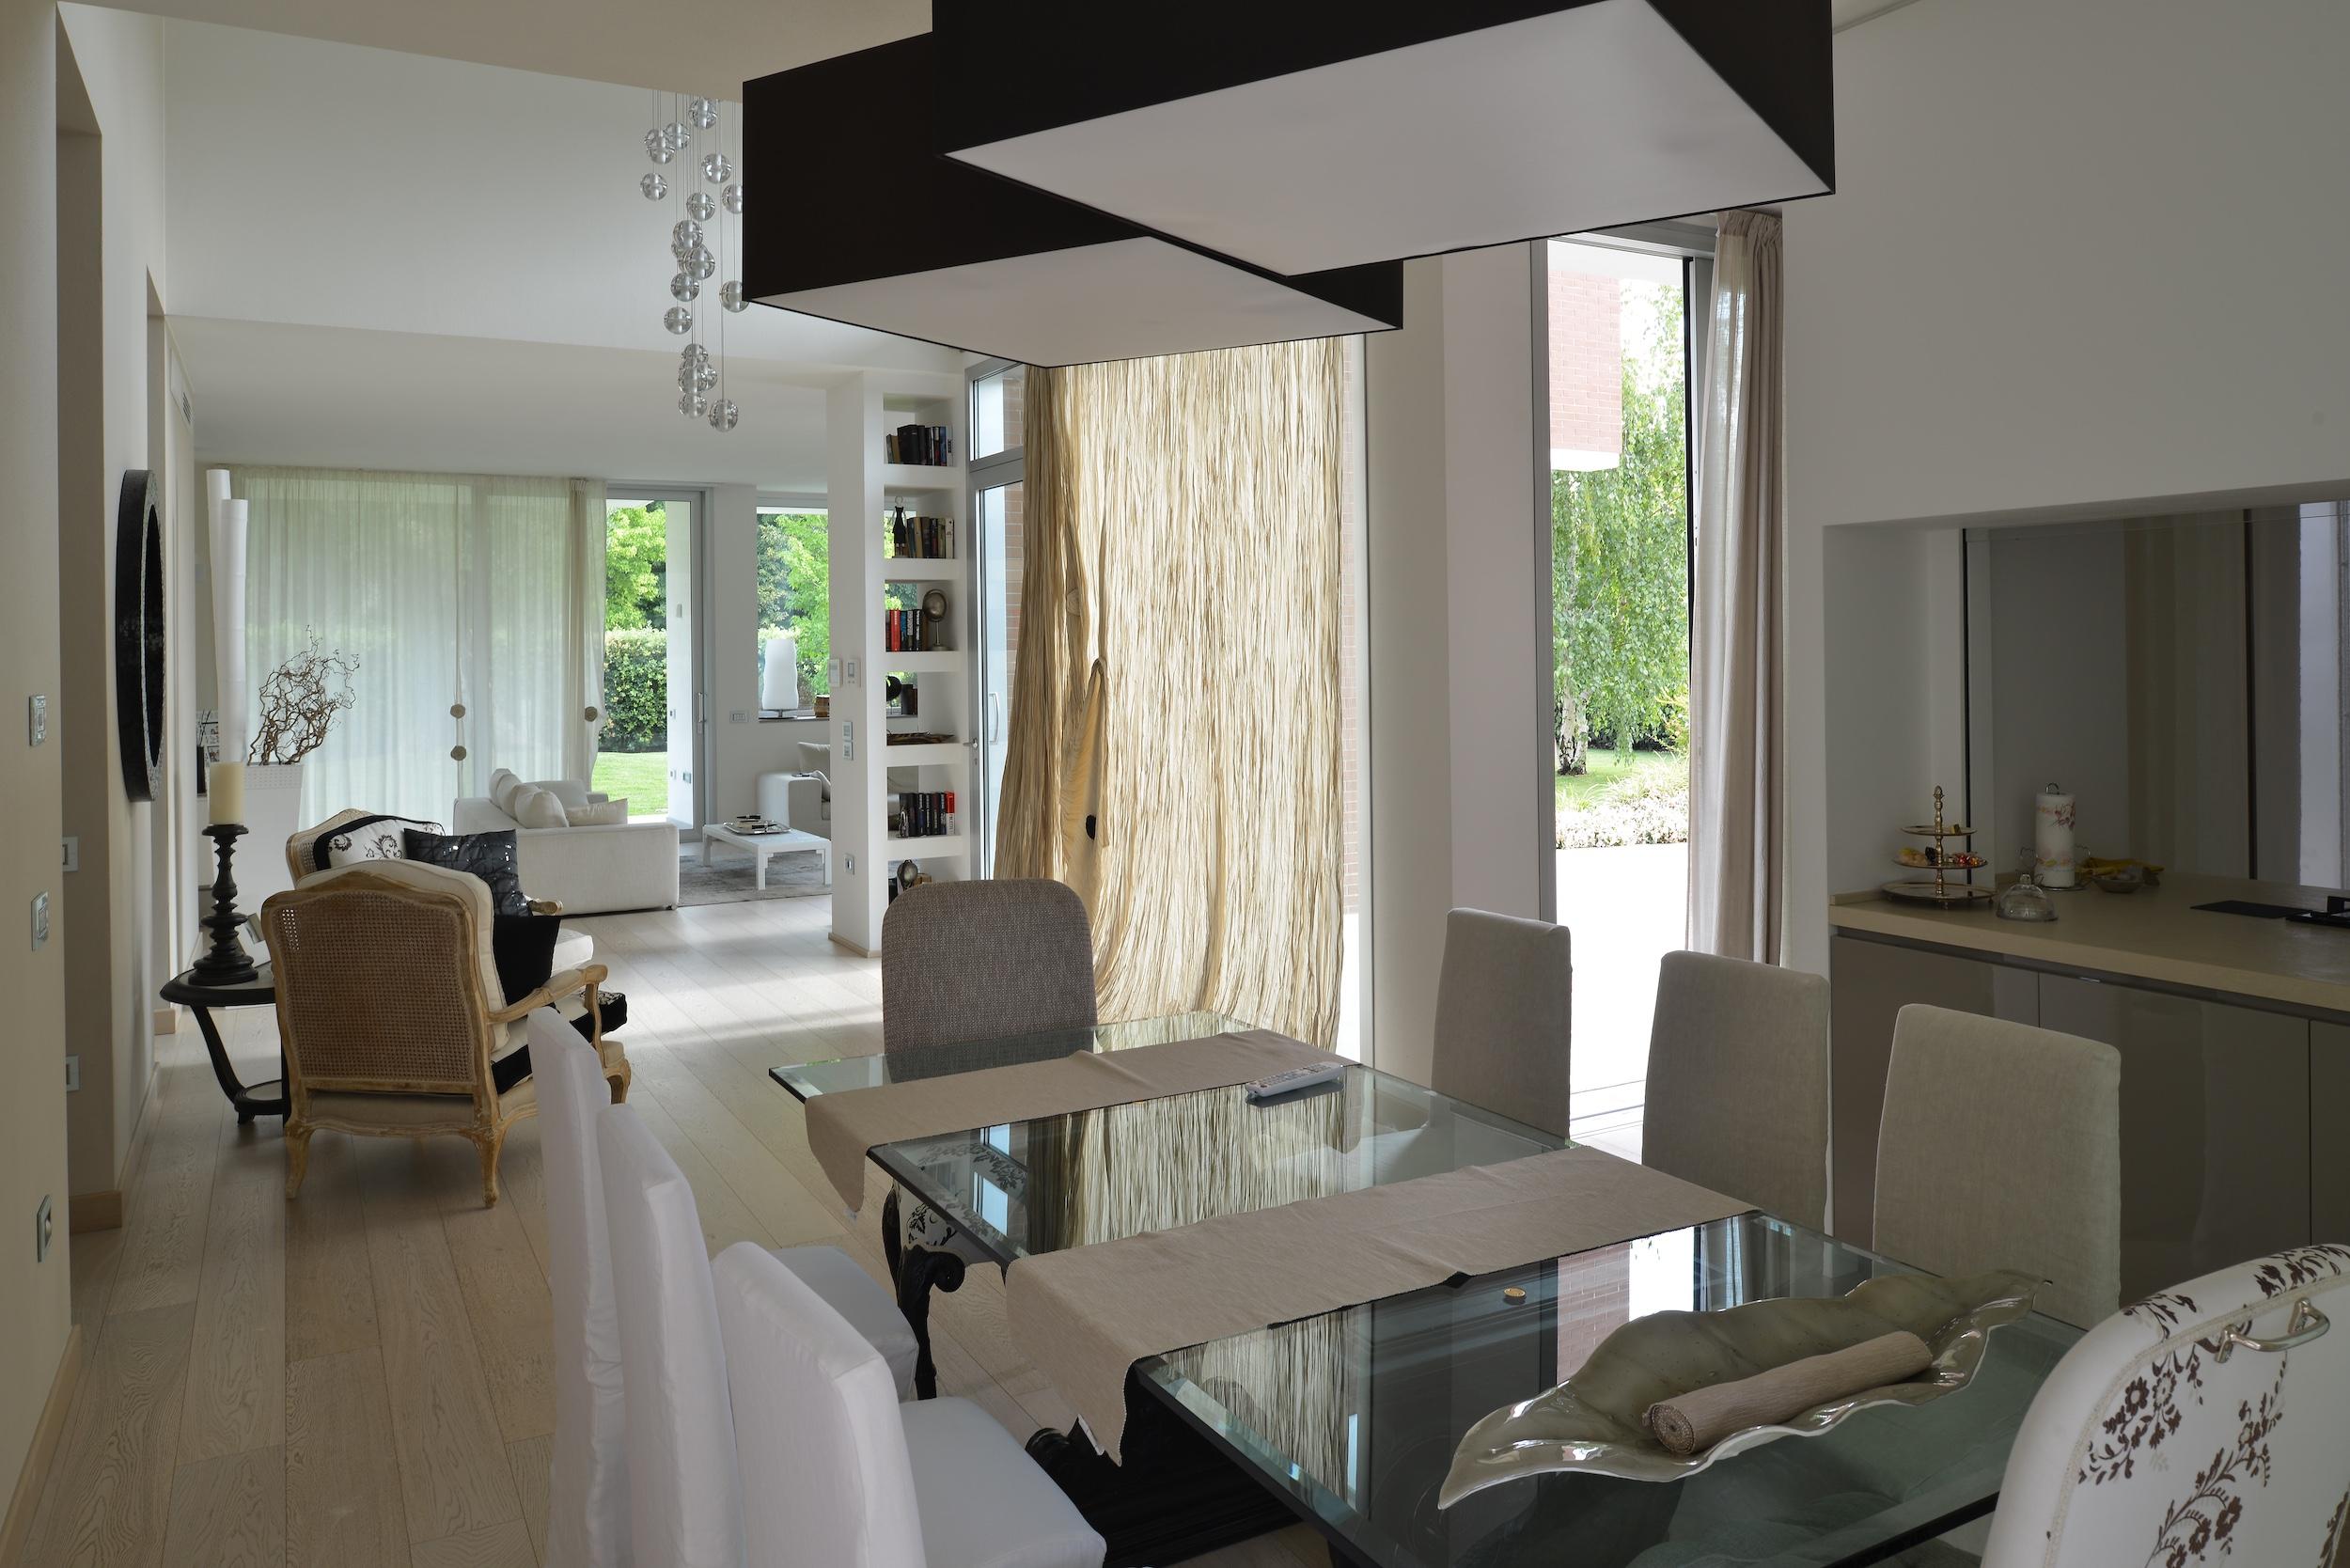 6651 Studio Bacchi Architetti Tura